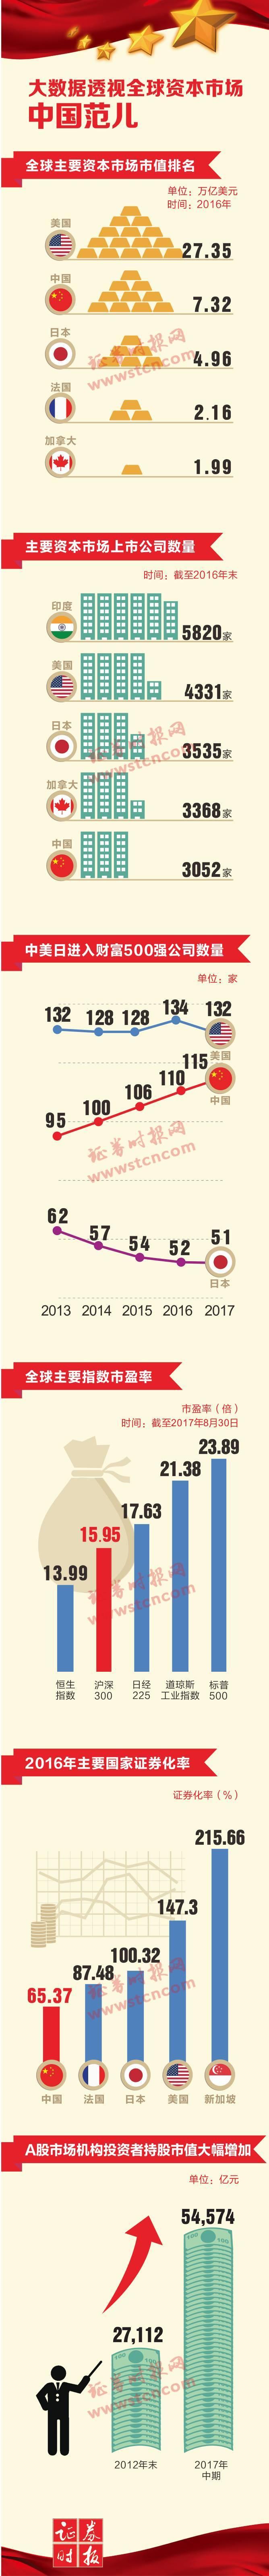 砥砺奋进丨大数据透视全球资本市场中国范儿